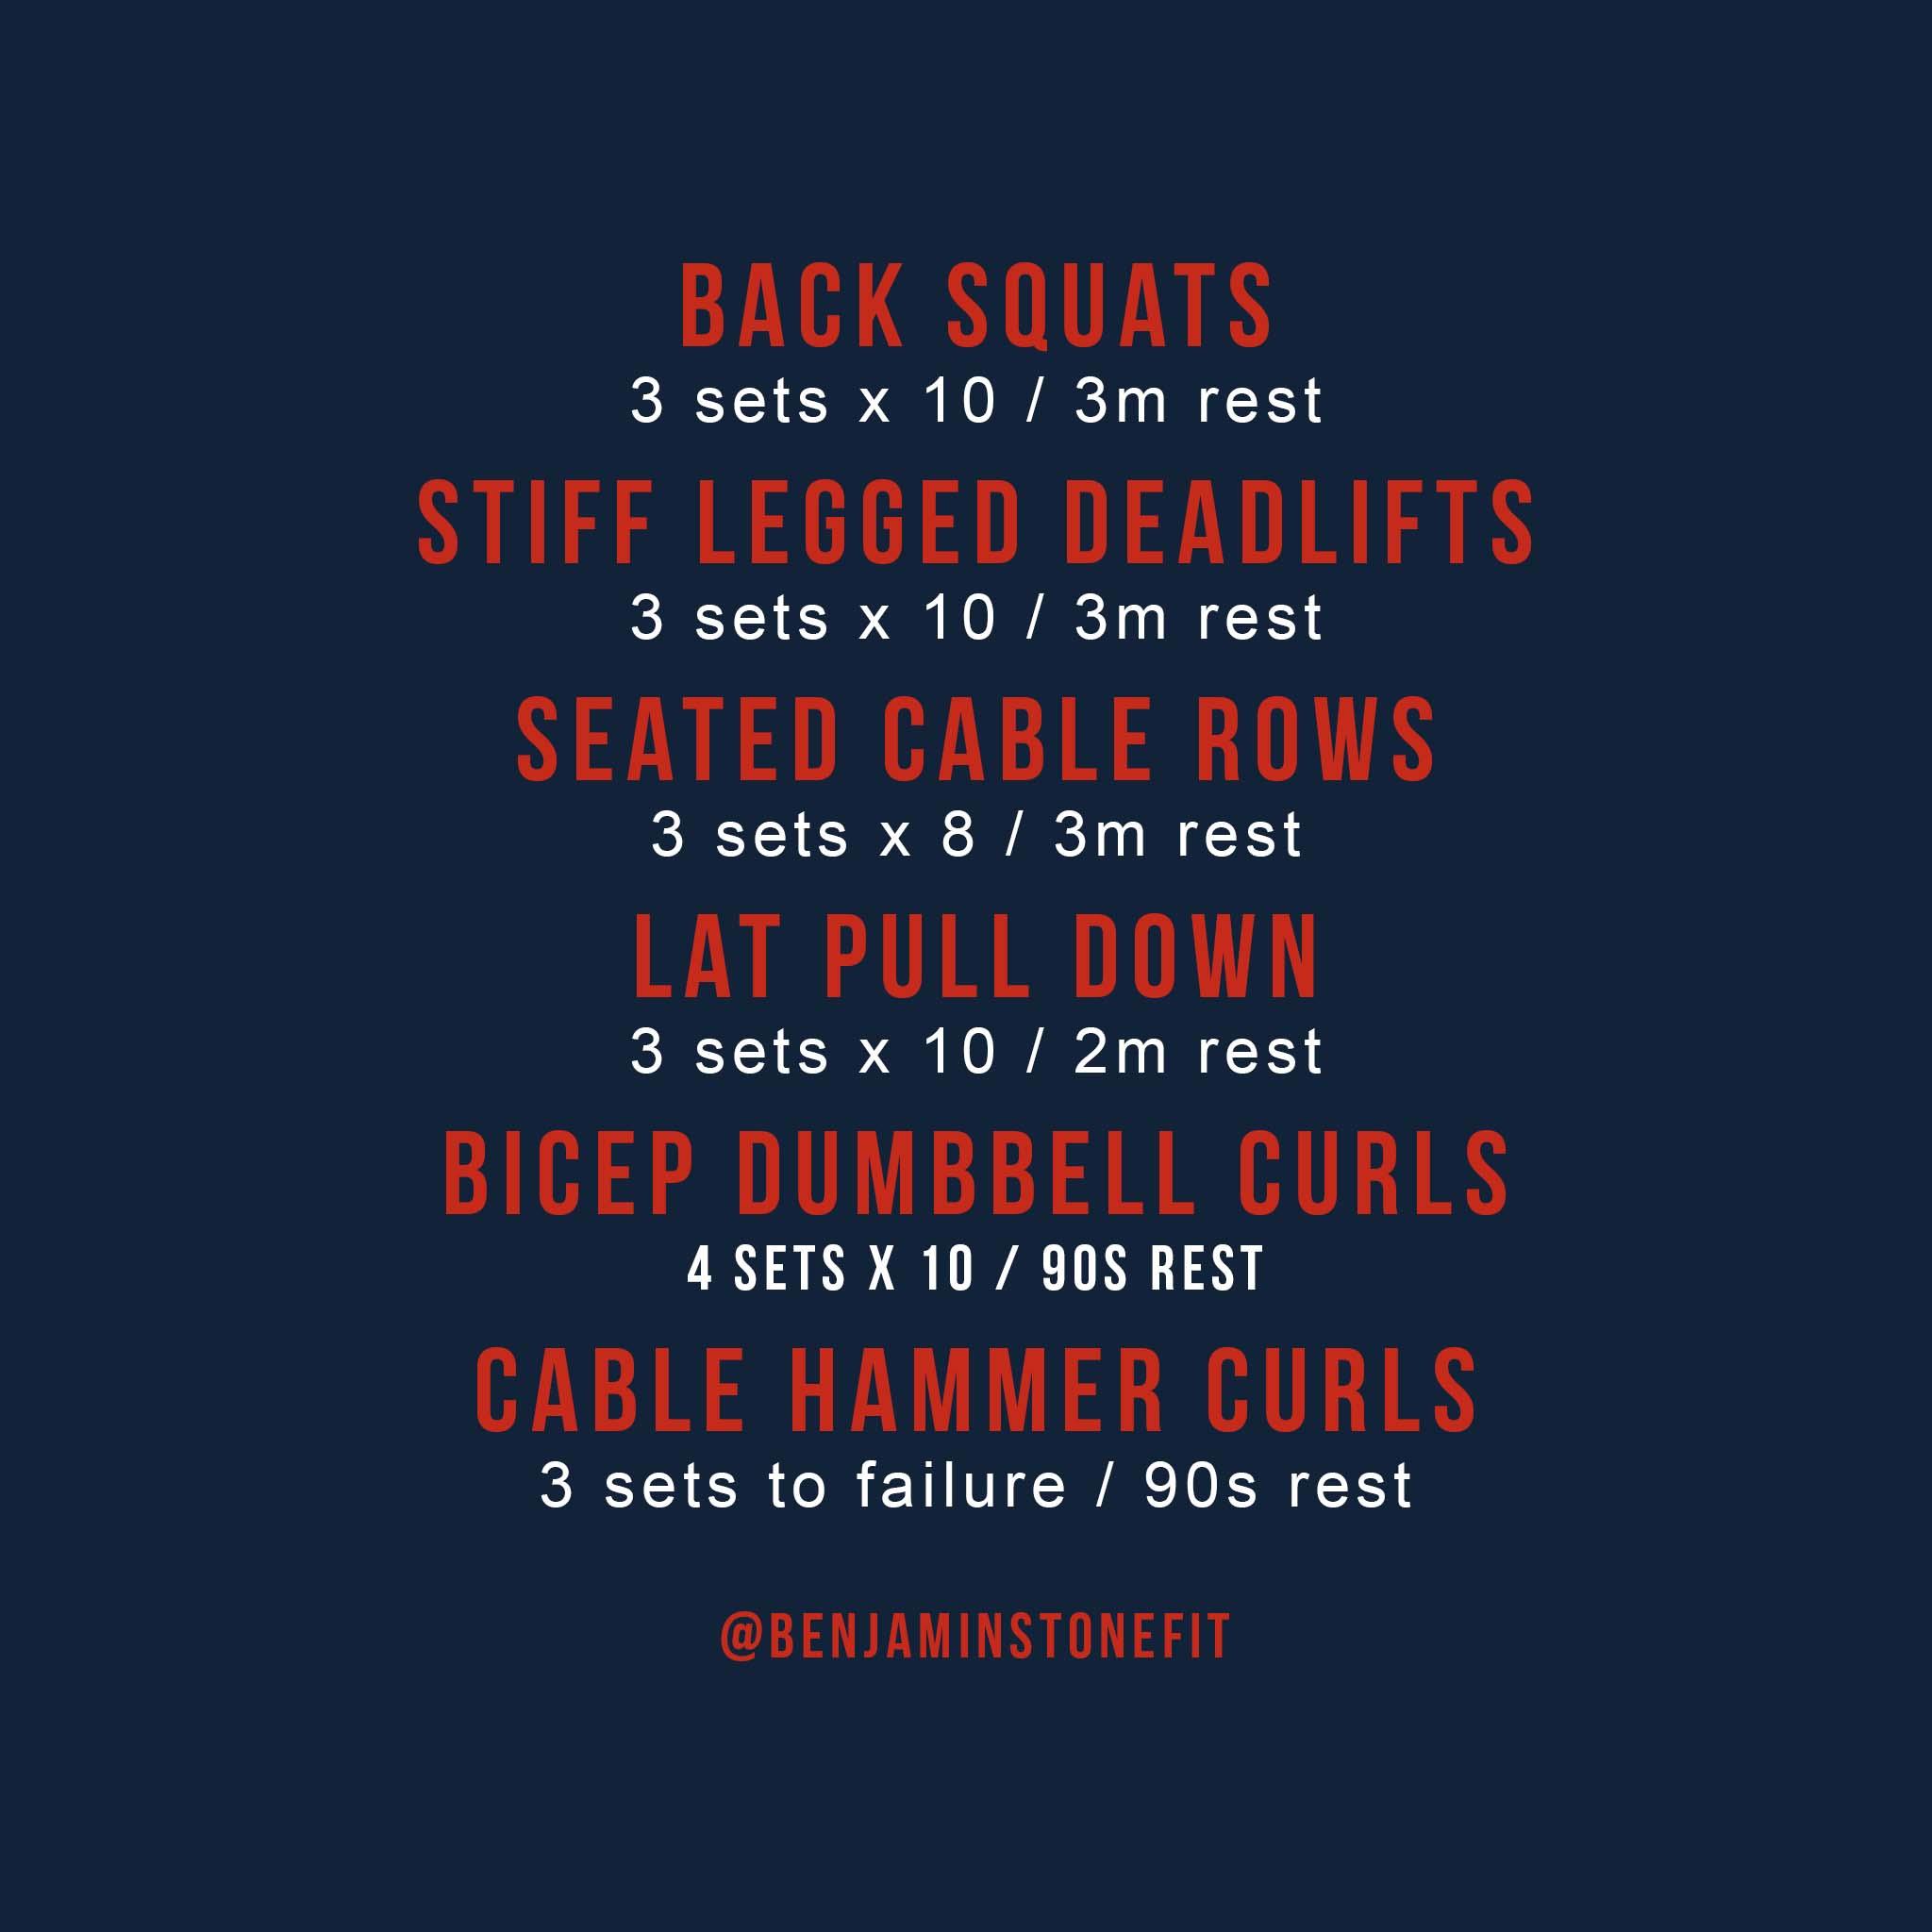 Jason Mamoa's Back workout